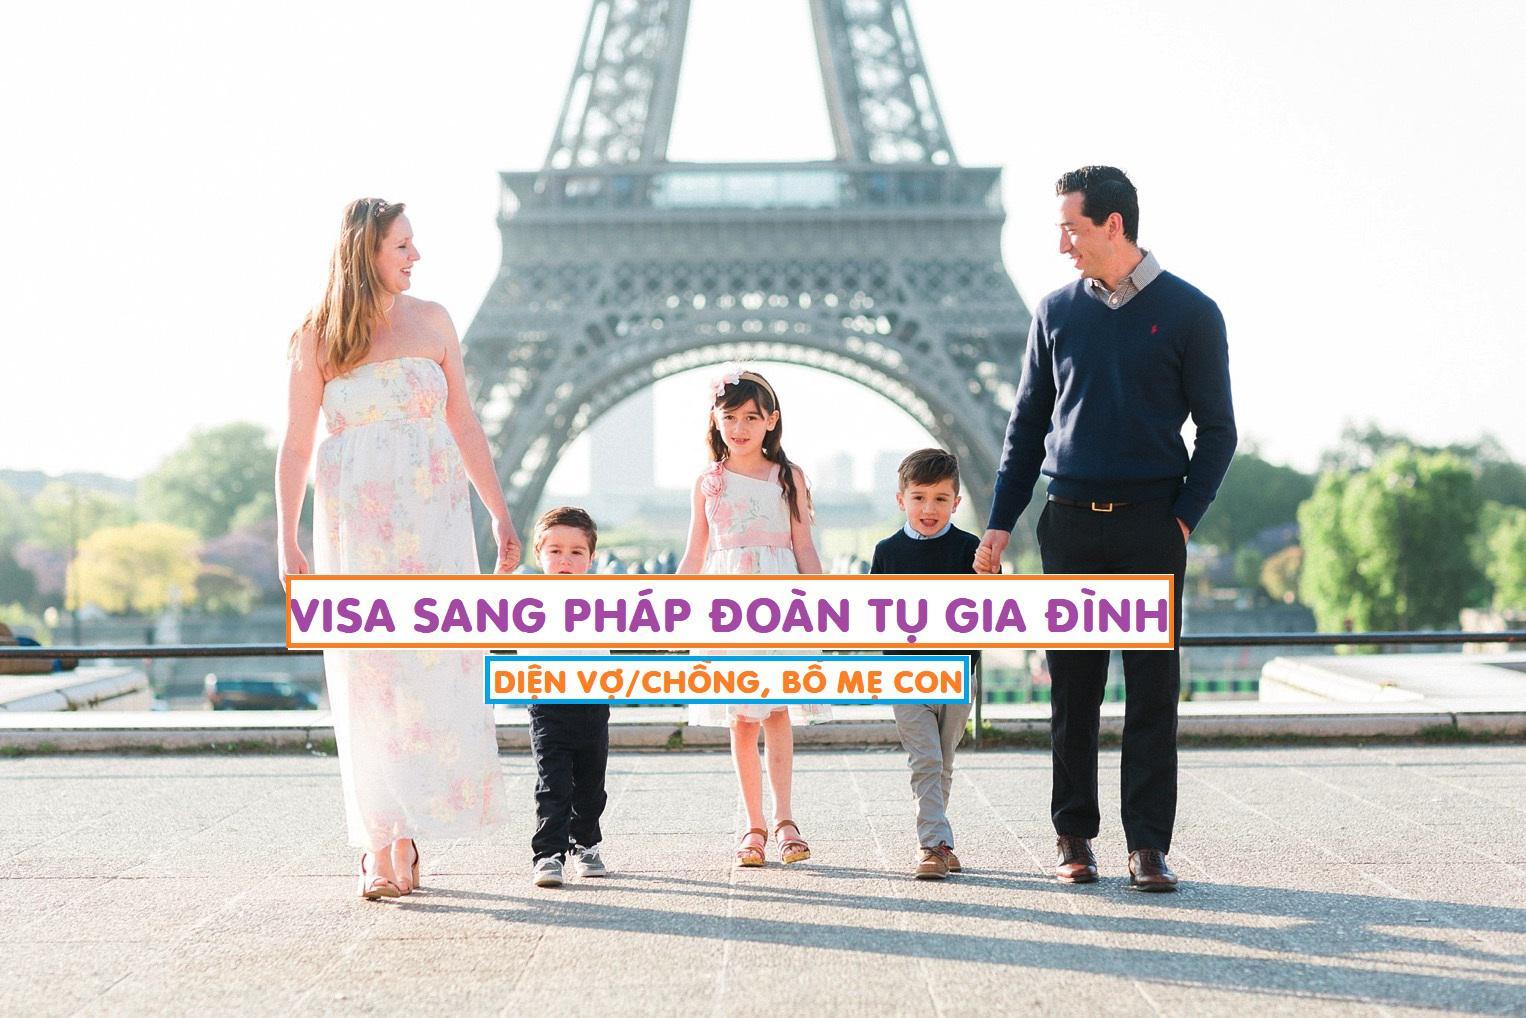 Dịch vụ làm visa sang Pháp đoàn tụ gia đình cùng vợ/chồng hoặc bố/mẹ/con